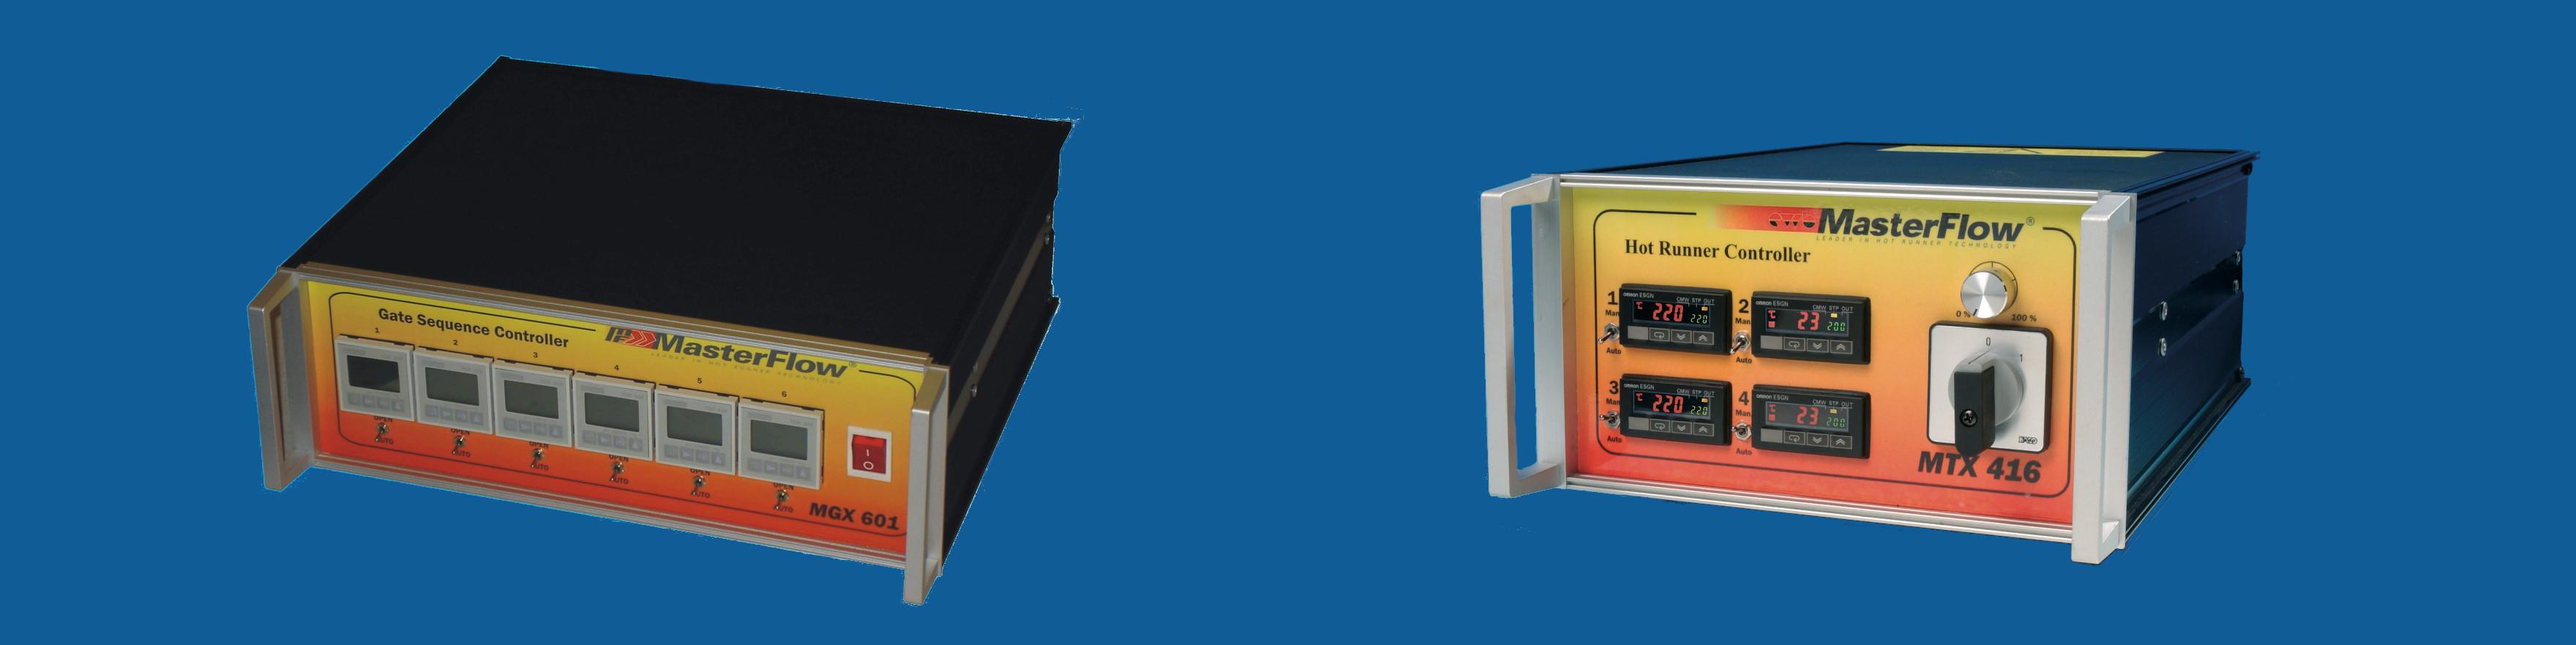 MasterFlow forrócsatorna vezérlő, fűtés vezérlő és szekvenciális vezérlő halvány sötétkék háttérrel